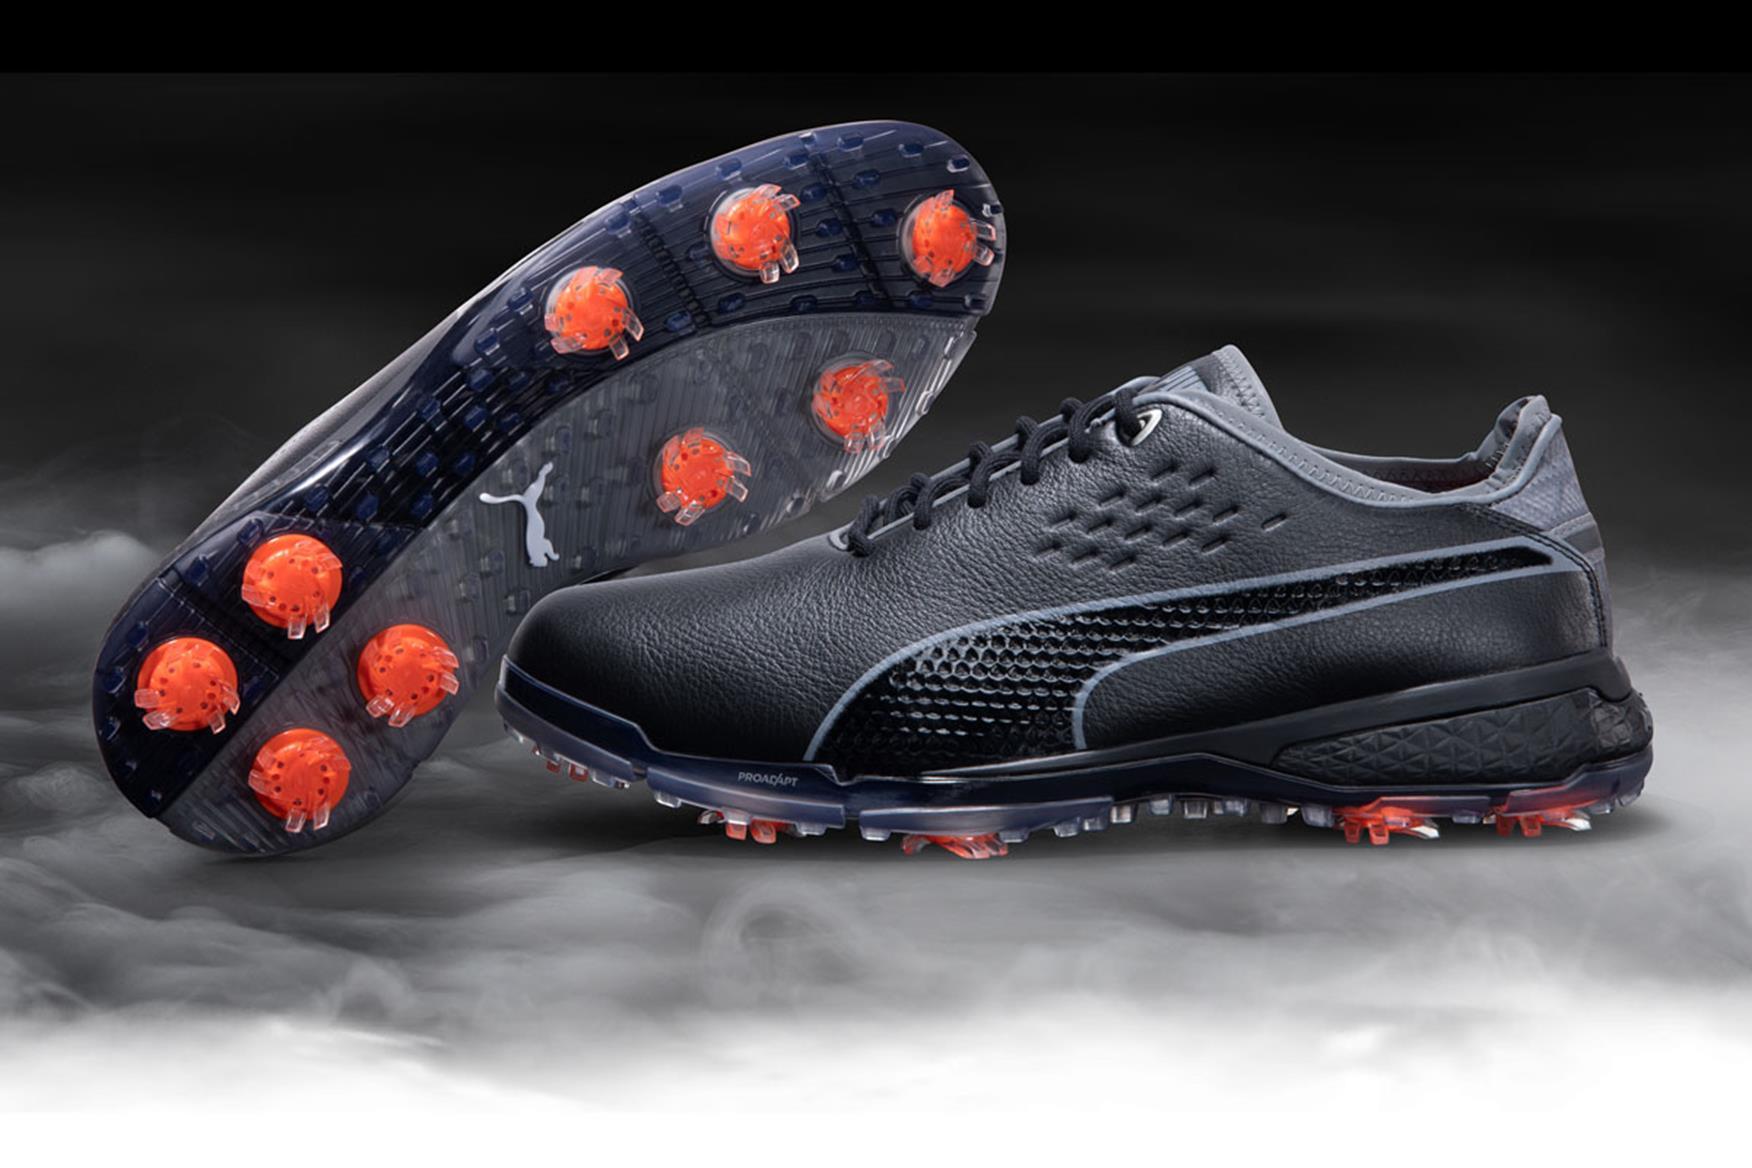 Puma Ignite ProAdapt Golf Shoes Review | Equipment Reviews ...